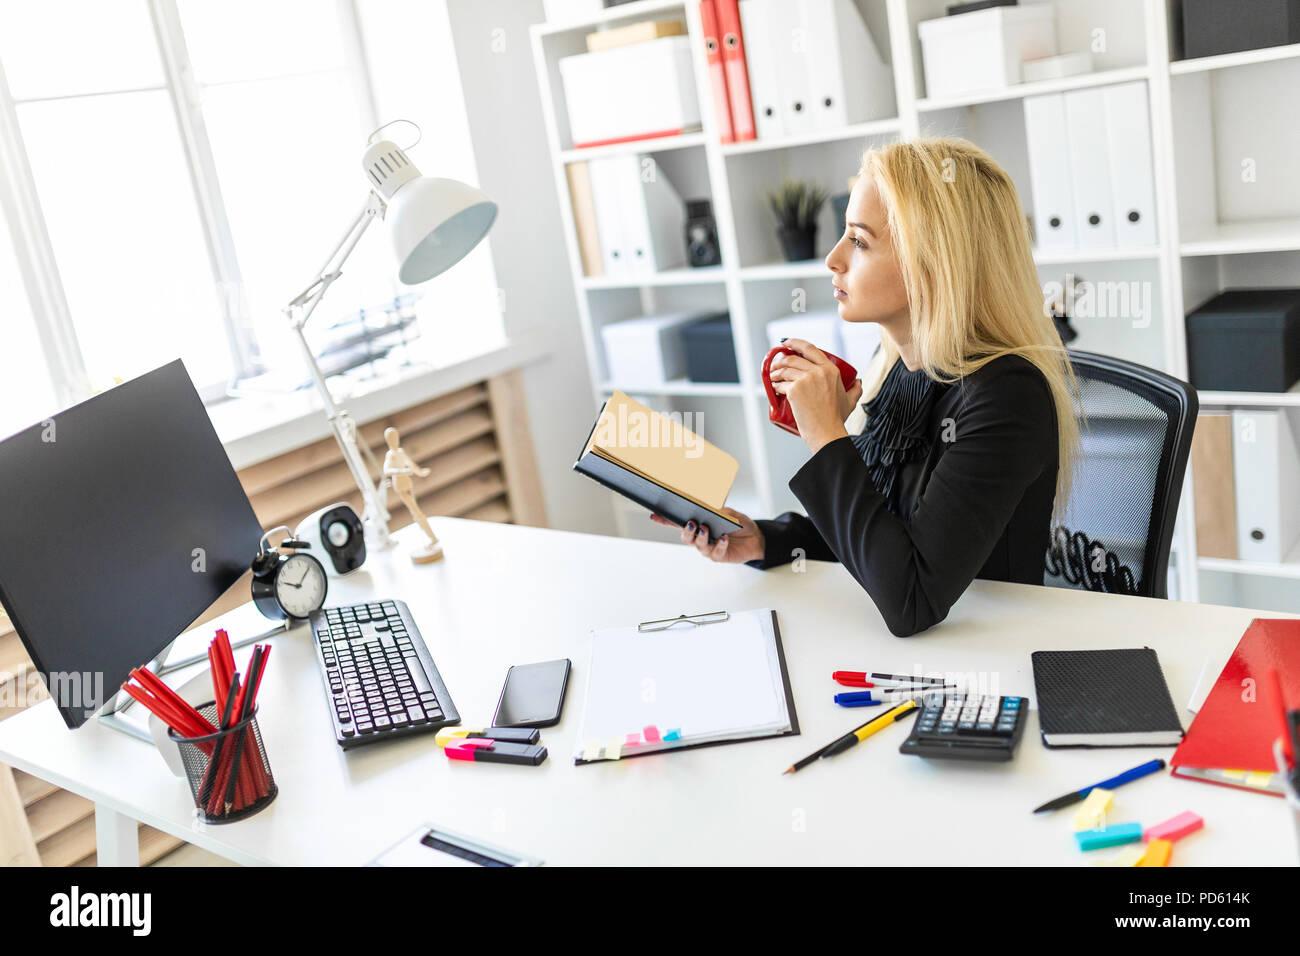 Ein junges Mädchen sitzt an einem Tisch im Büro, eine Schale und ein Buch lesen. Stockbild